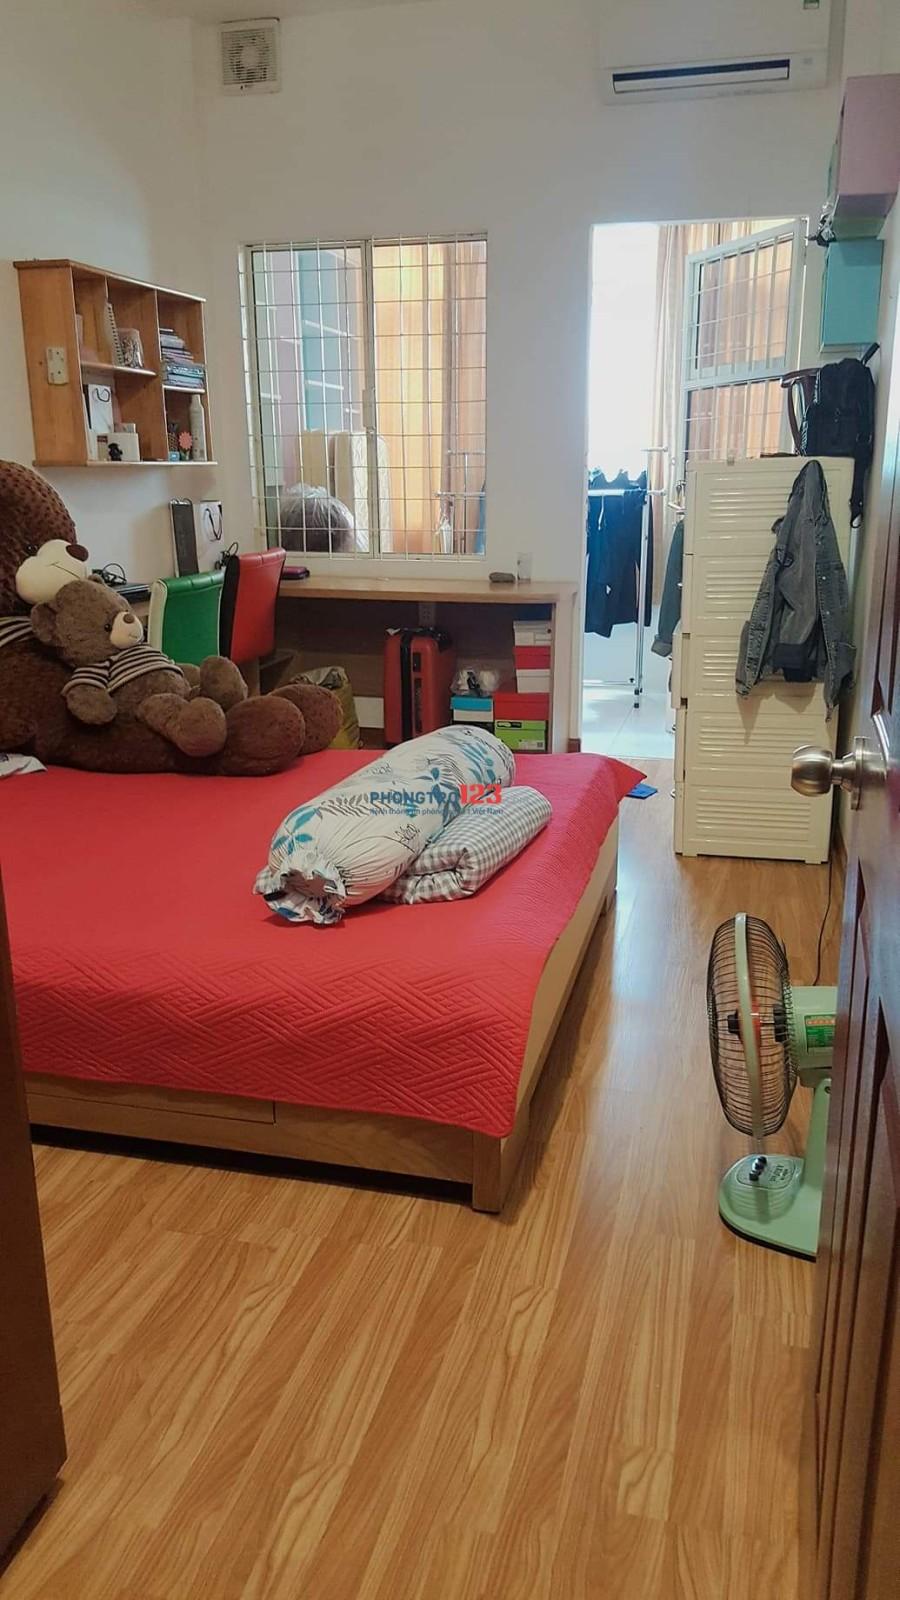 Cho nữ thuê phòng ở ghép, phòng ful nội thất, Q.3, sdt: 0932265884